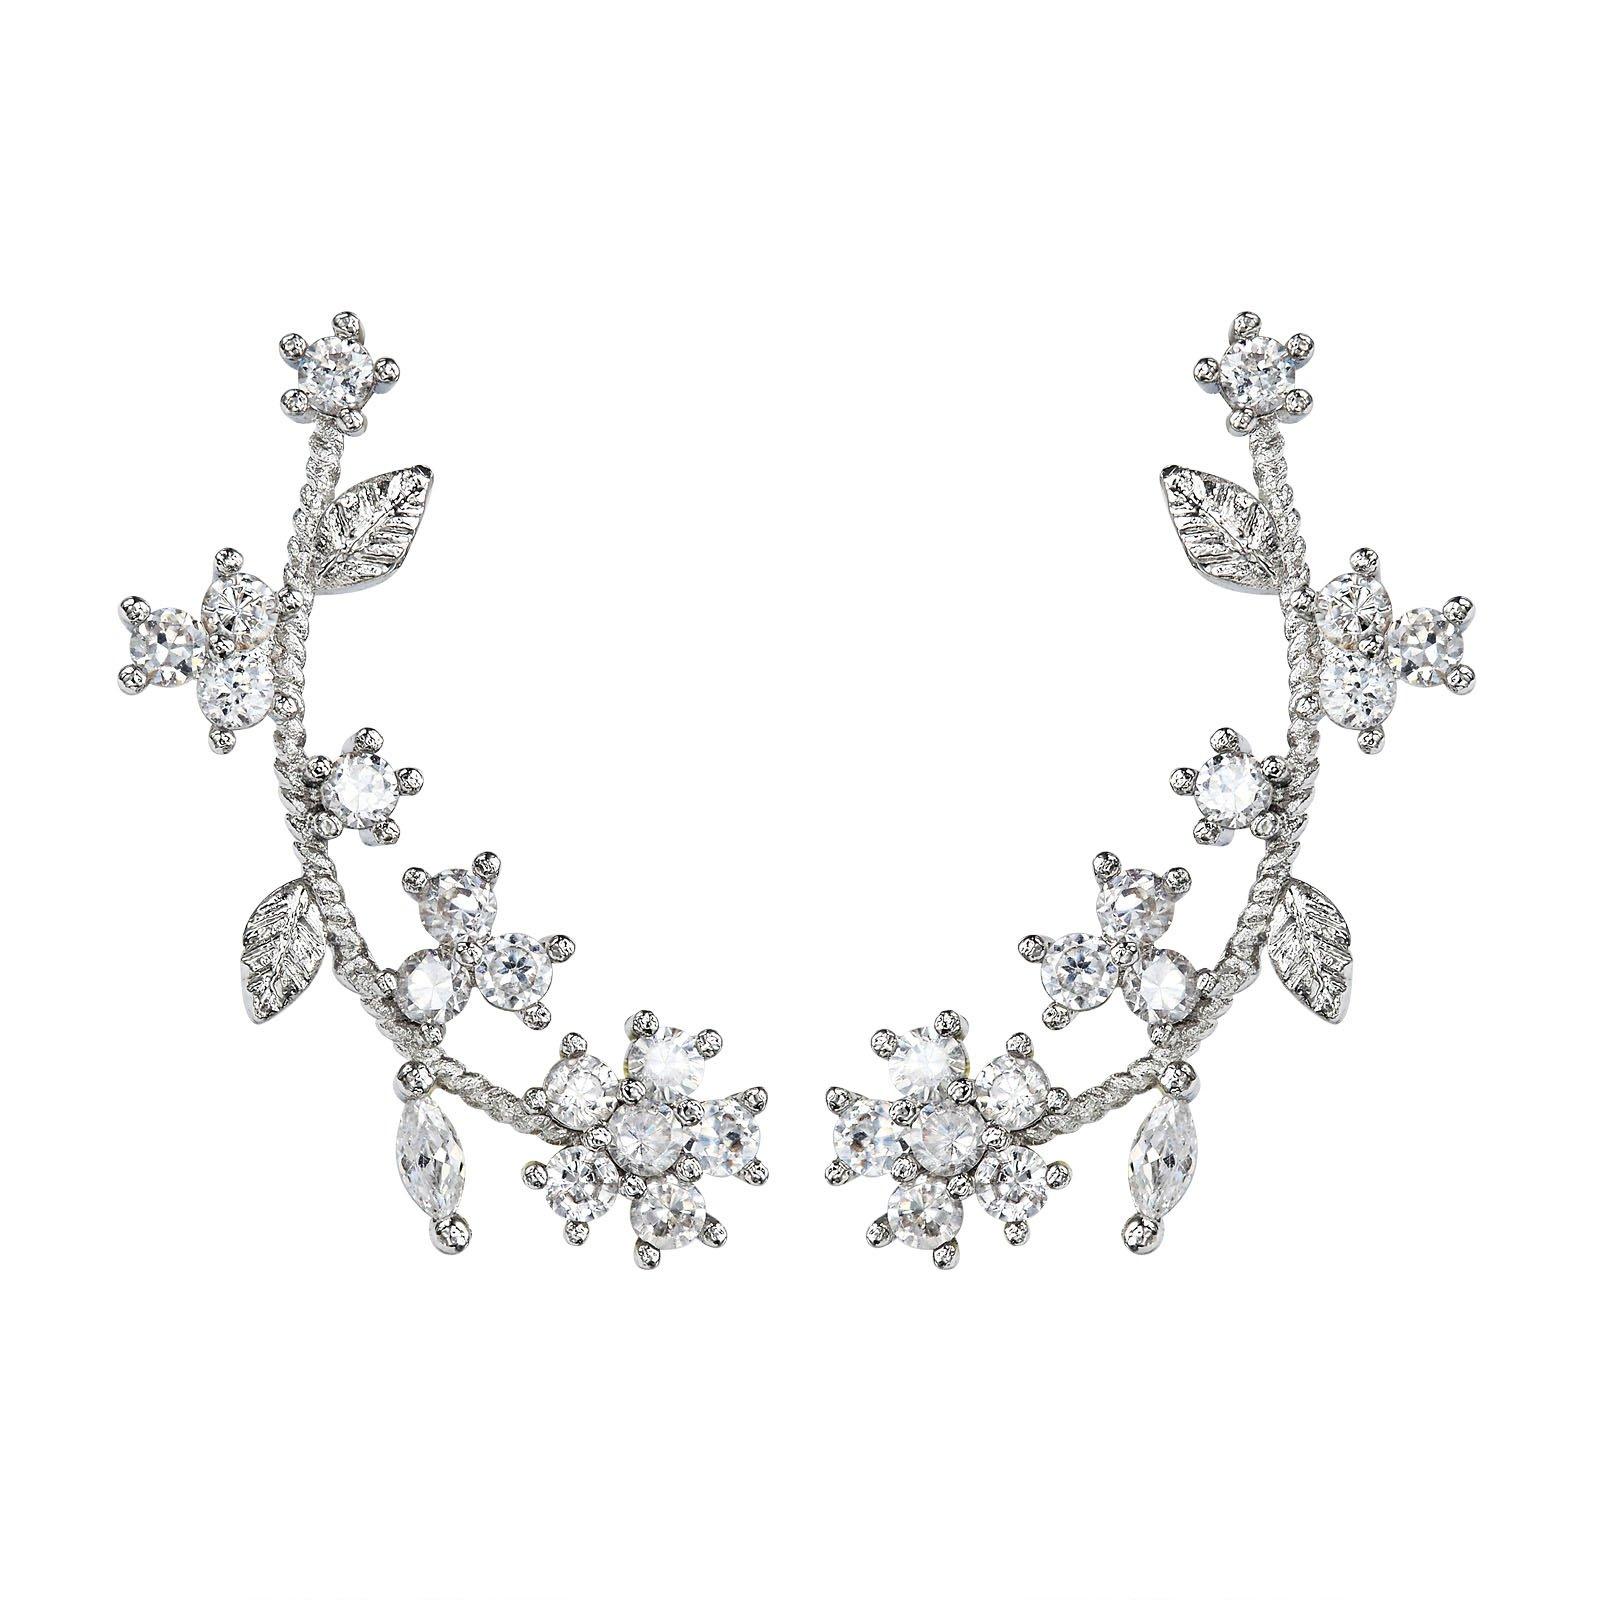 Flower Ear Cuff Earring with S925 Sterling Silver Post for Women - Cubic Zirconia Ear Crawler Wrap Earrings Silver Tone